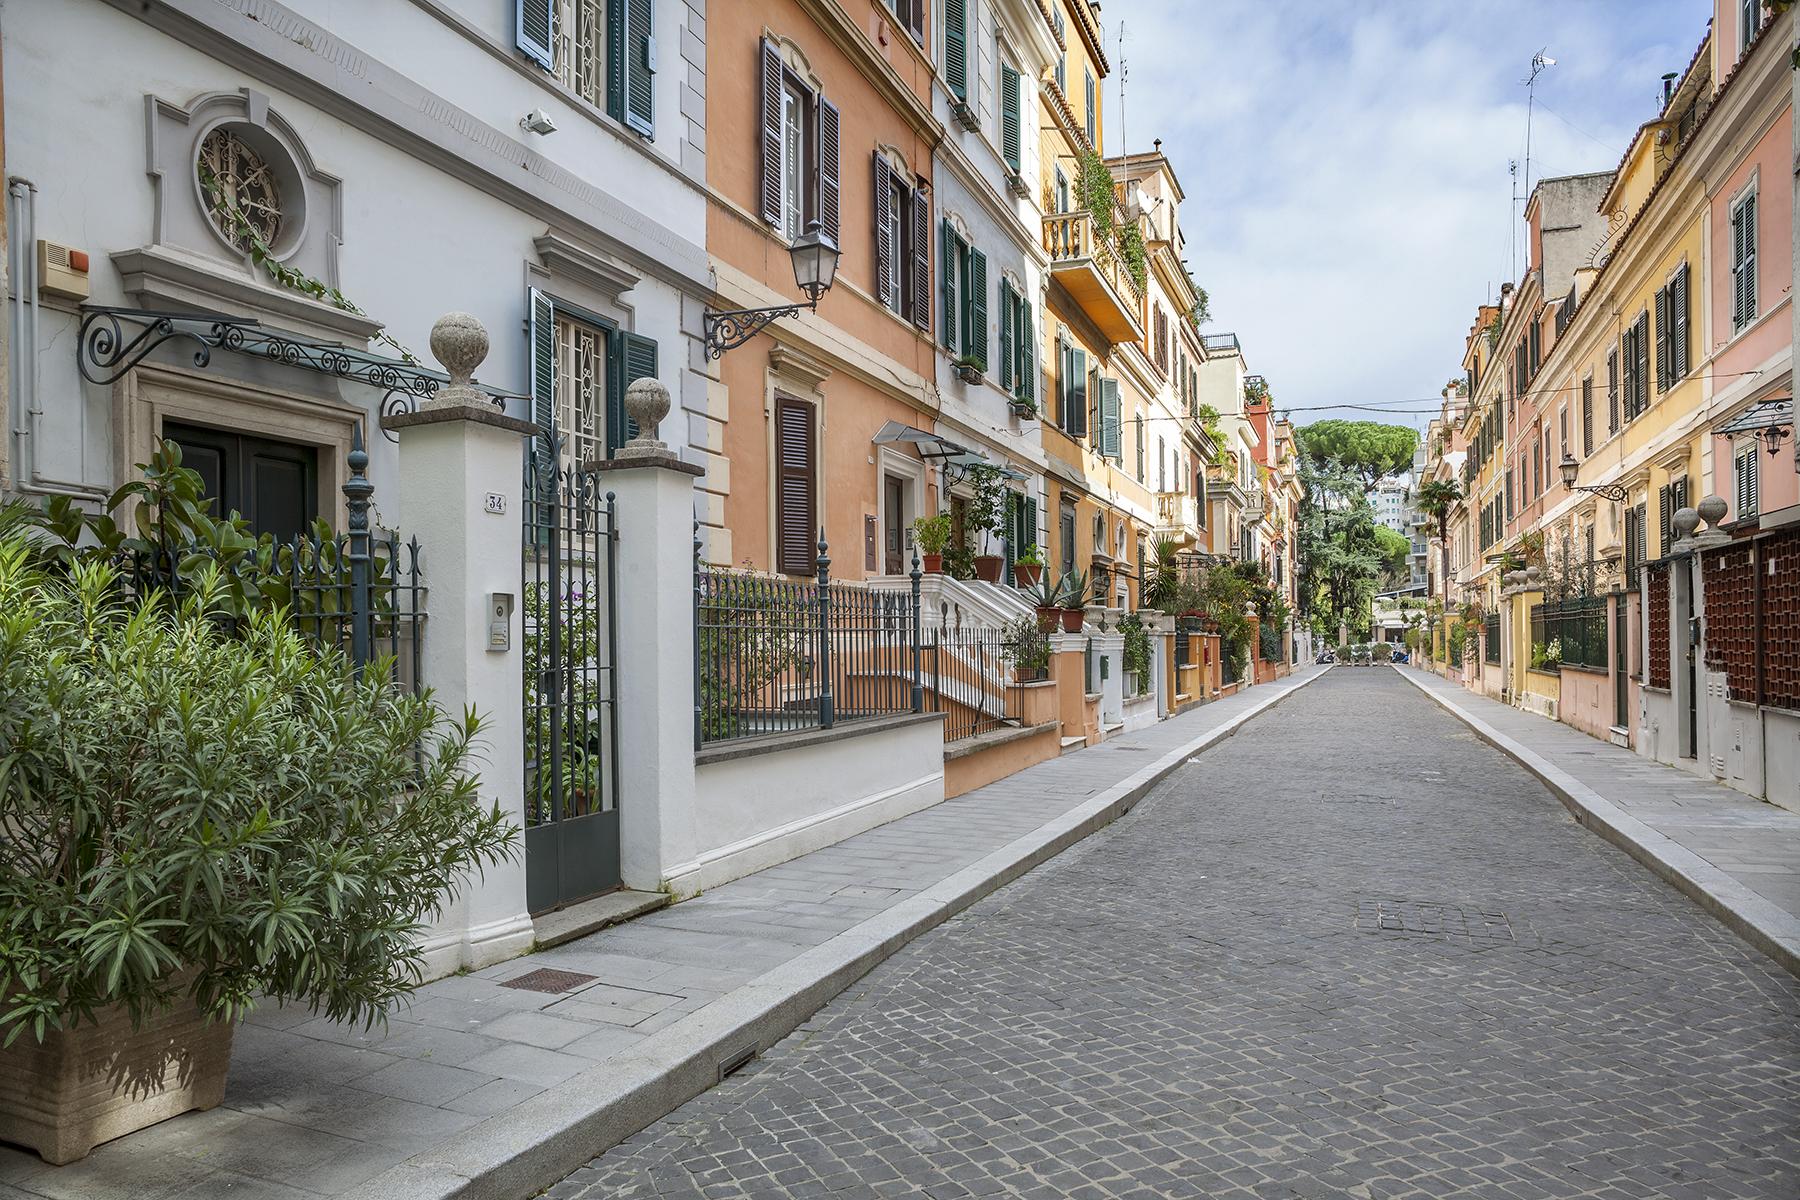 Casa indipendente in Vendita a Roma 02 Parioli / Pinciano / Flaminio: 5 locali, 250 mq